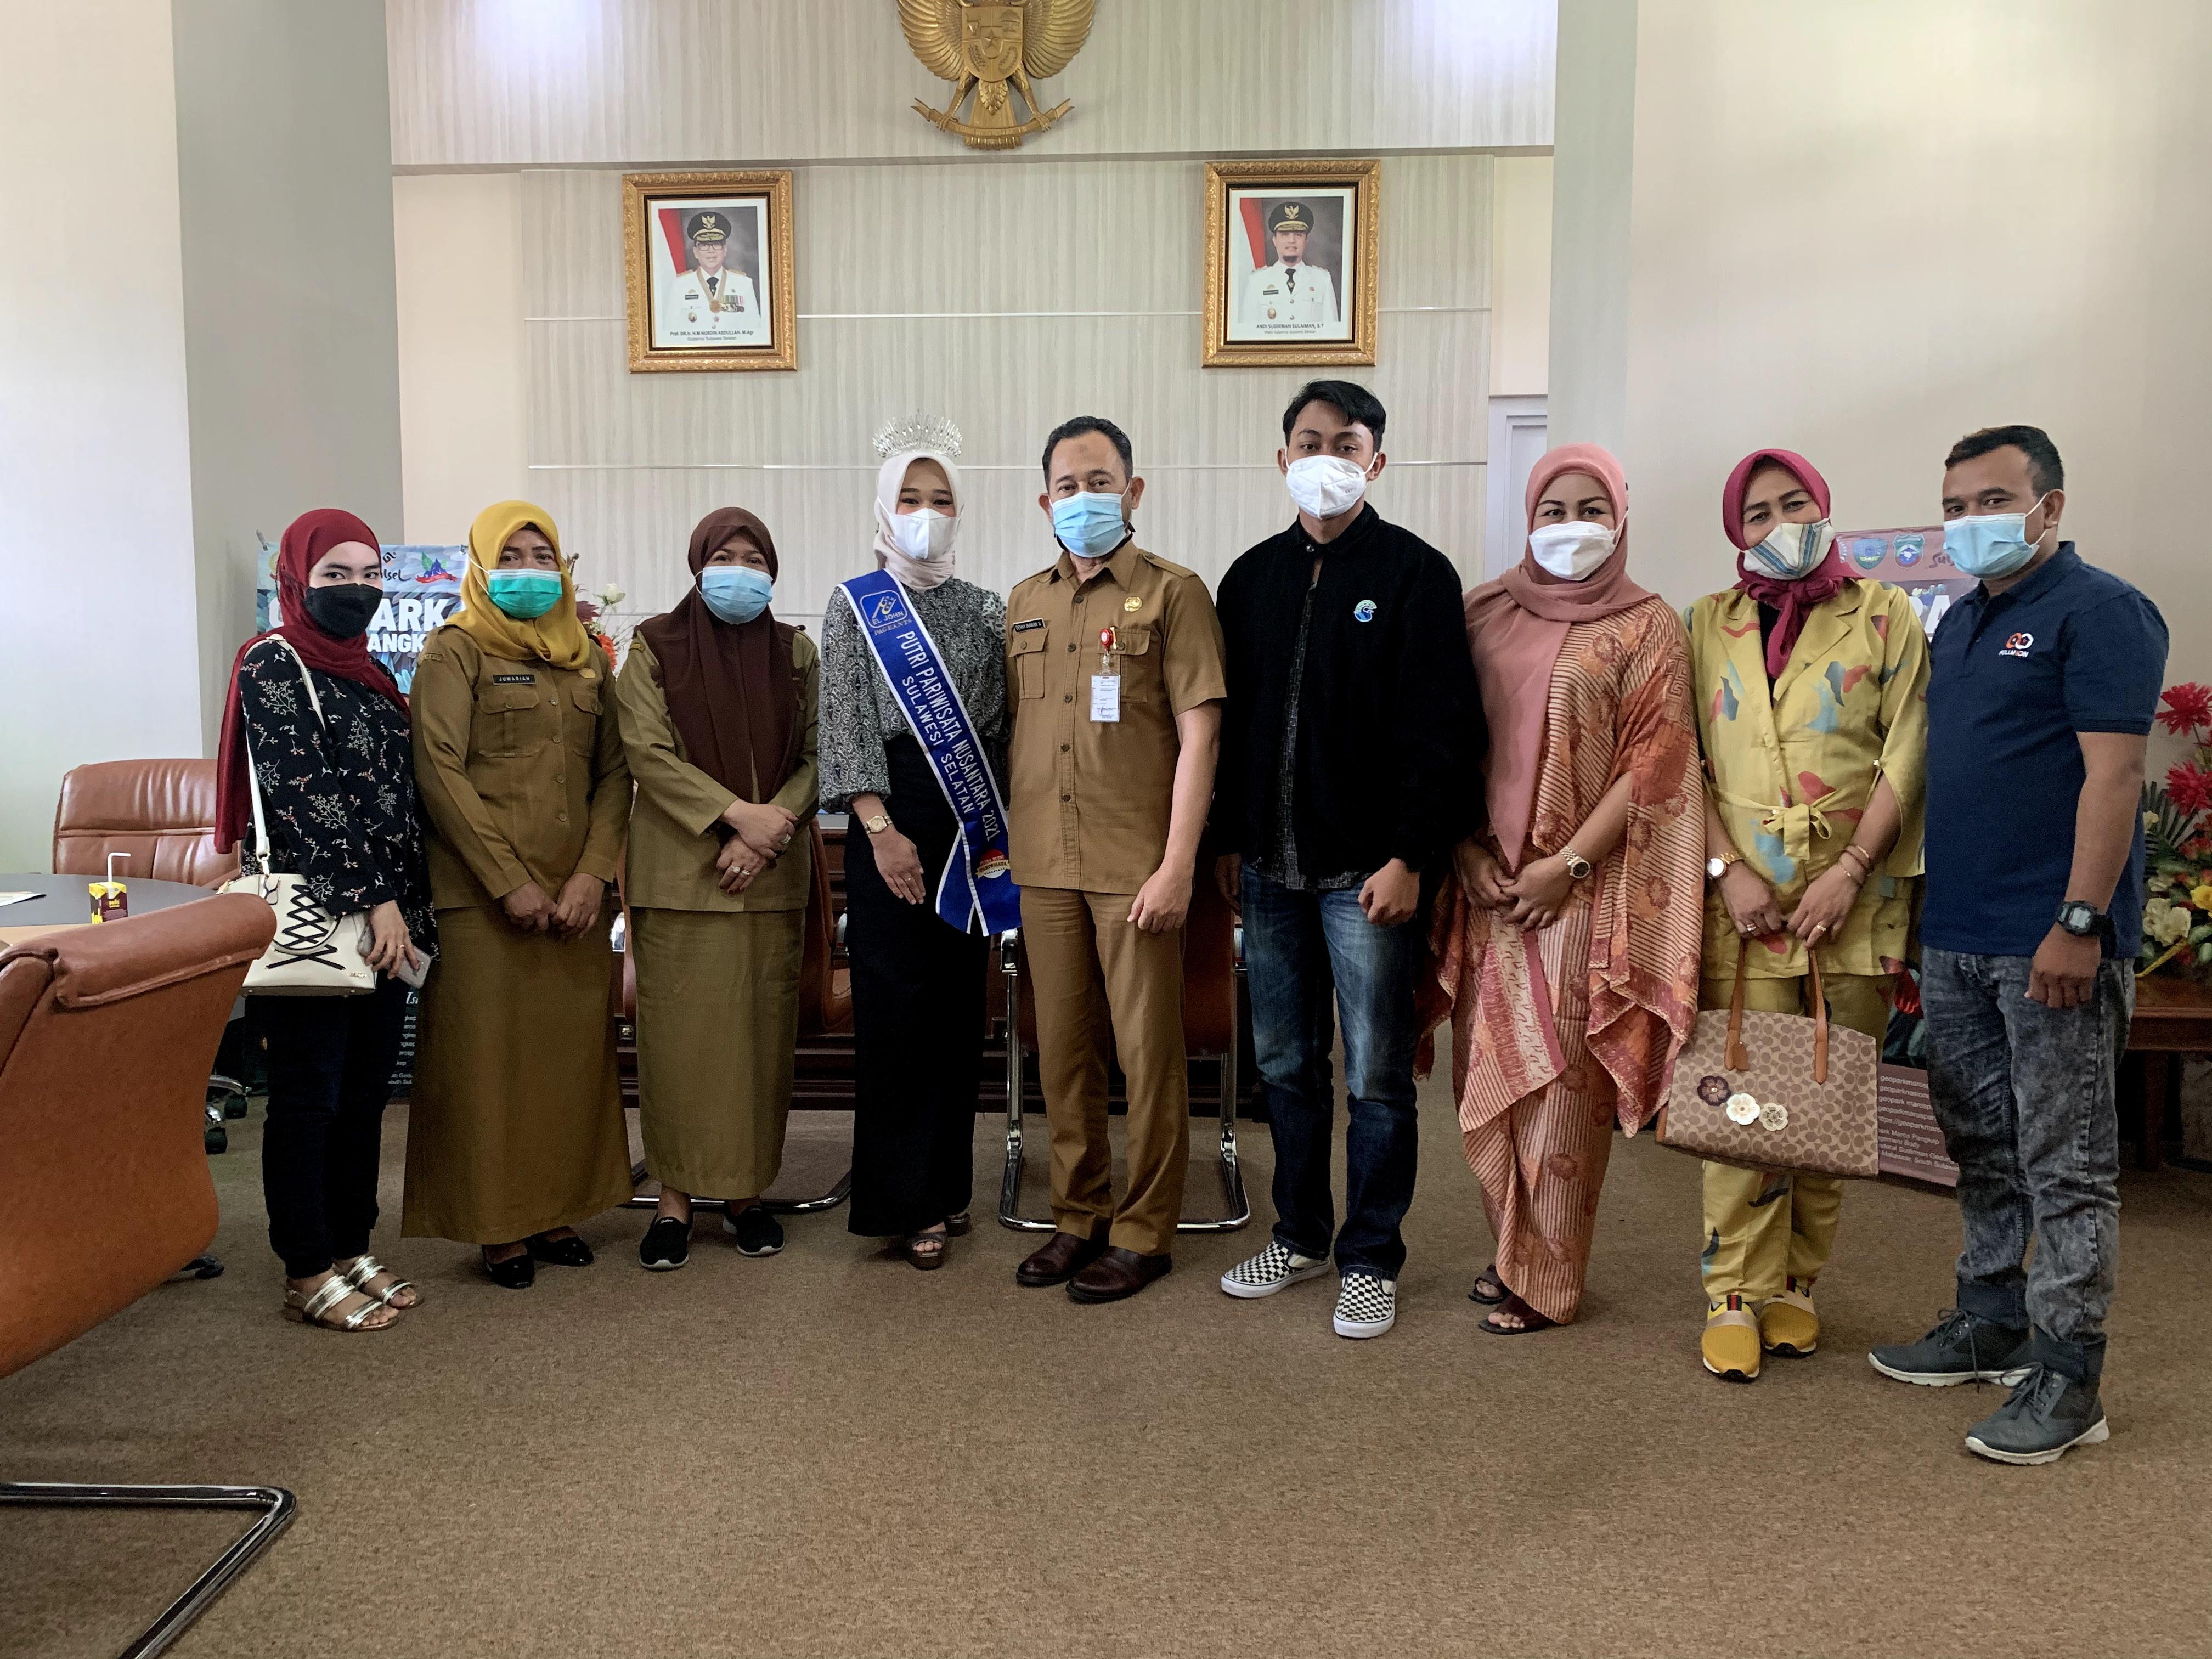 Mau Jadi Wakil Sulsel Di Tingkat Nasional? Media Pro Buka Peluang untuk Finalis Ikuti Pemilihan Putri Pariwisata Makassar 2021